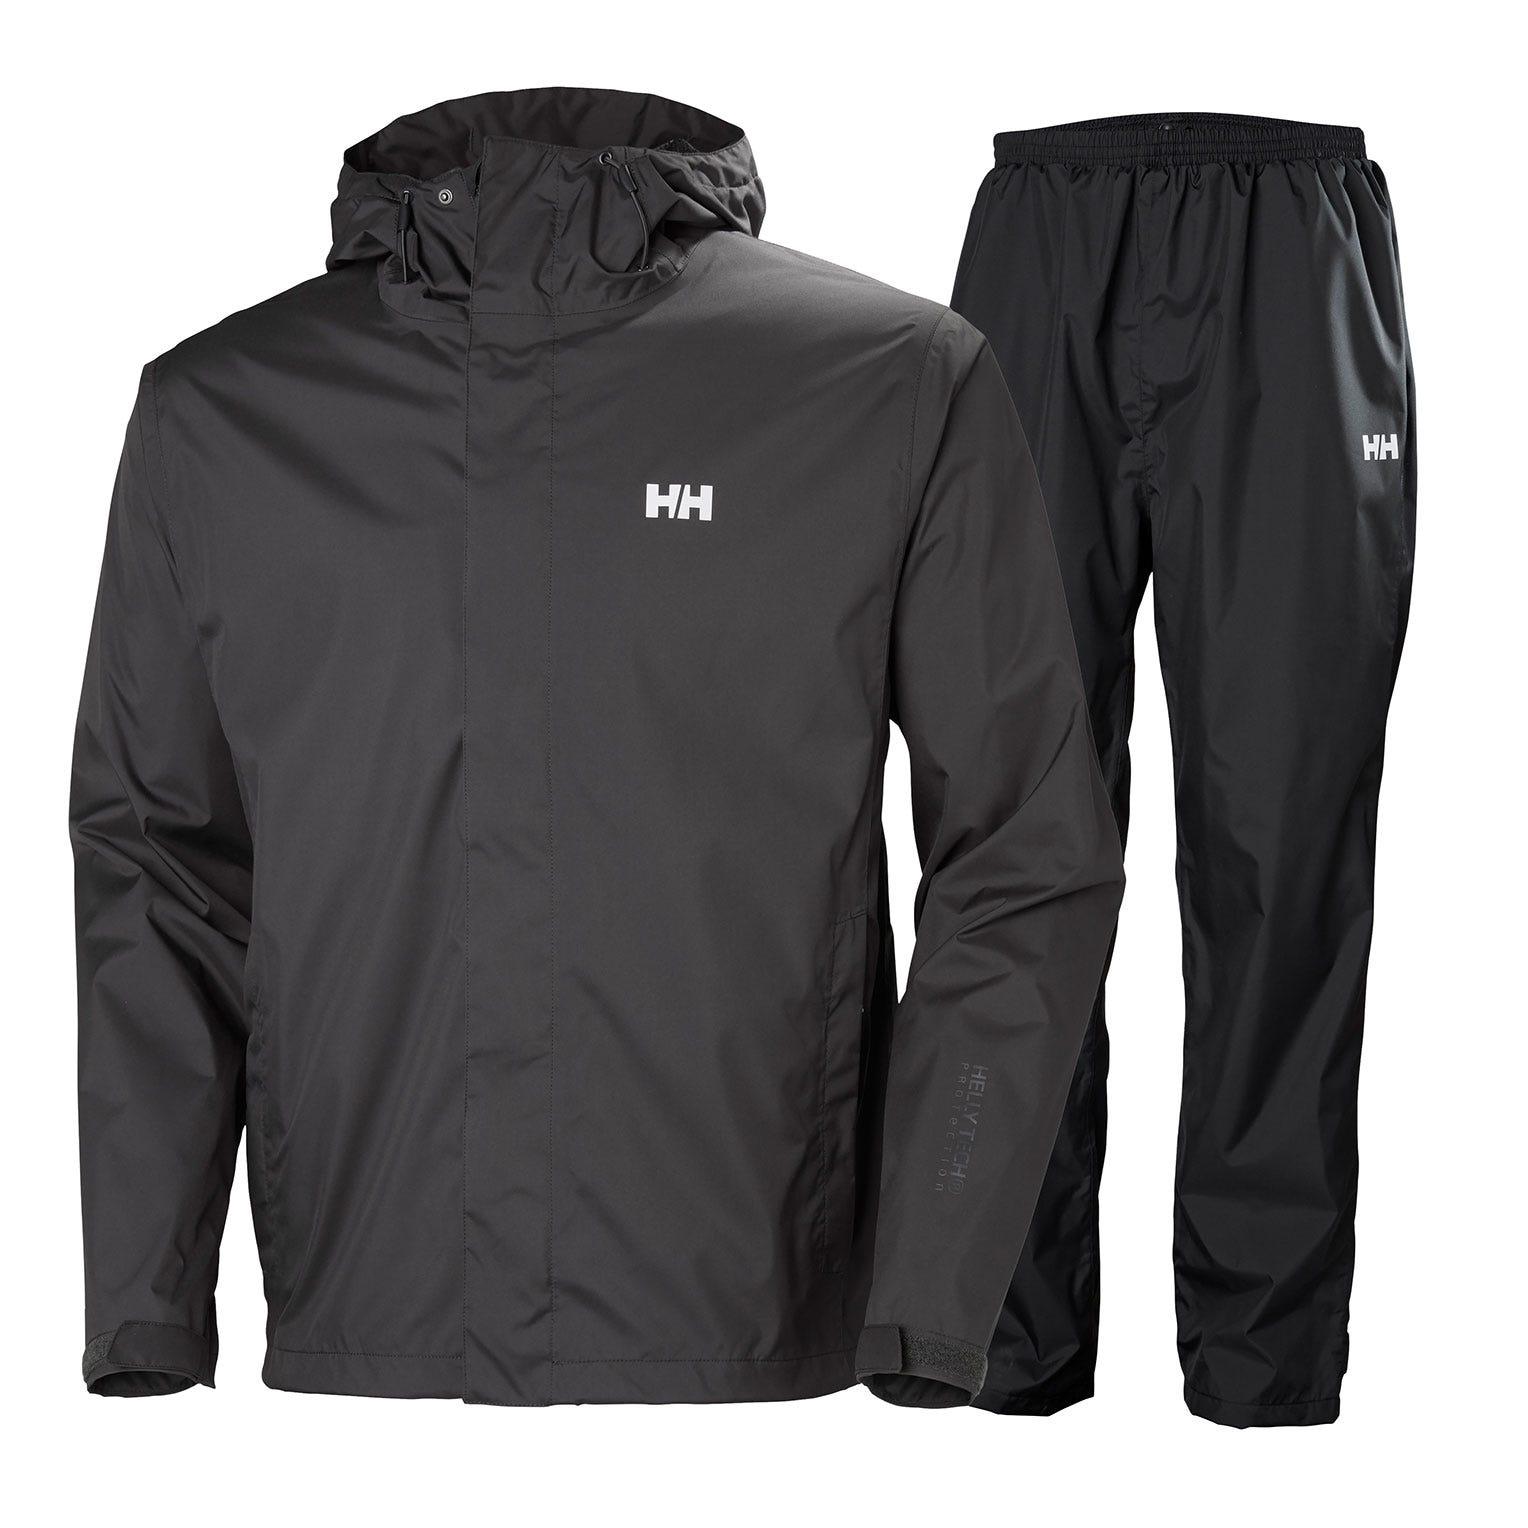 Helly Hansen Portland Rain Set Mens Jacket Black XL